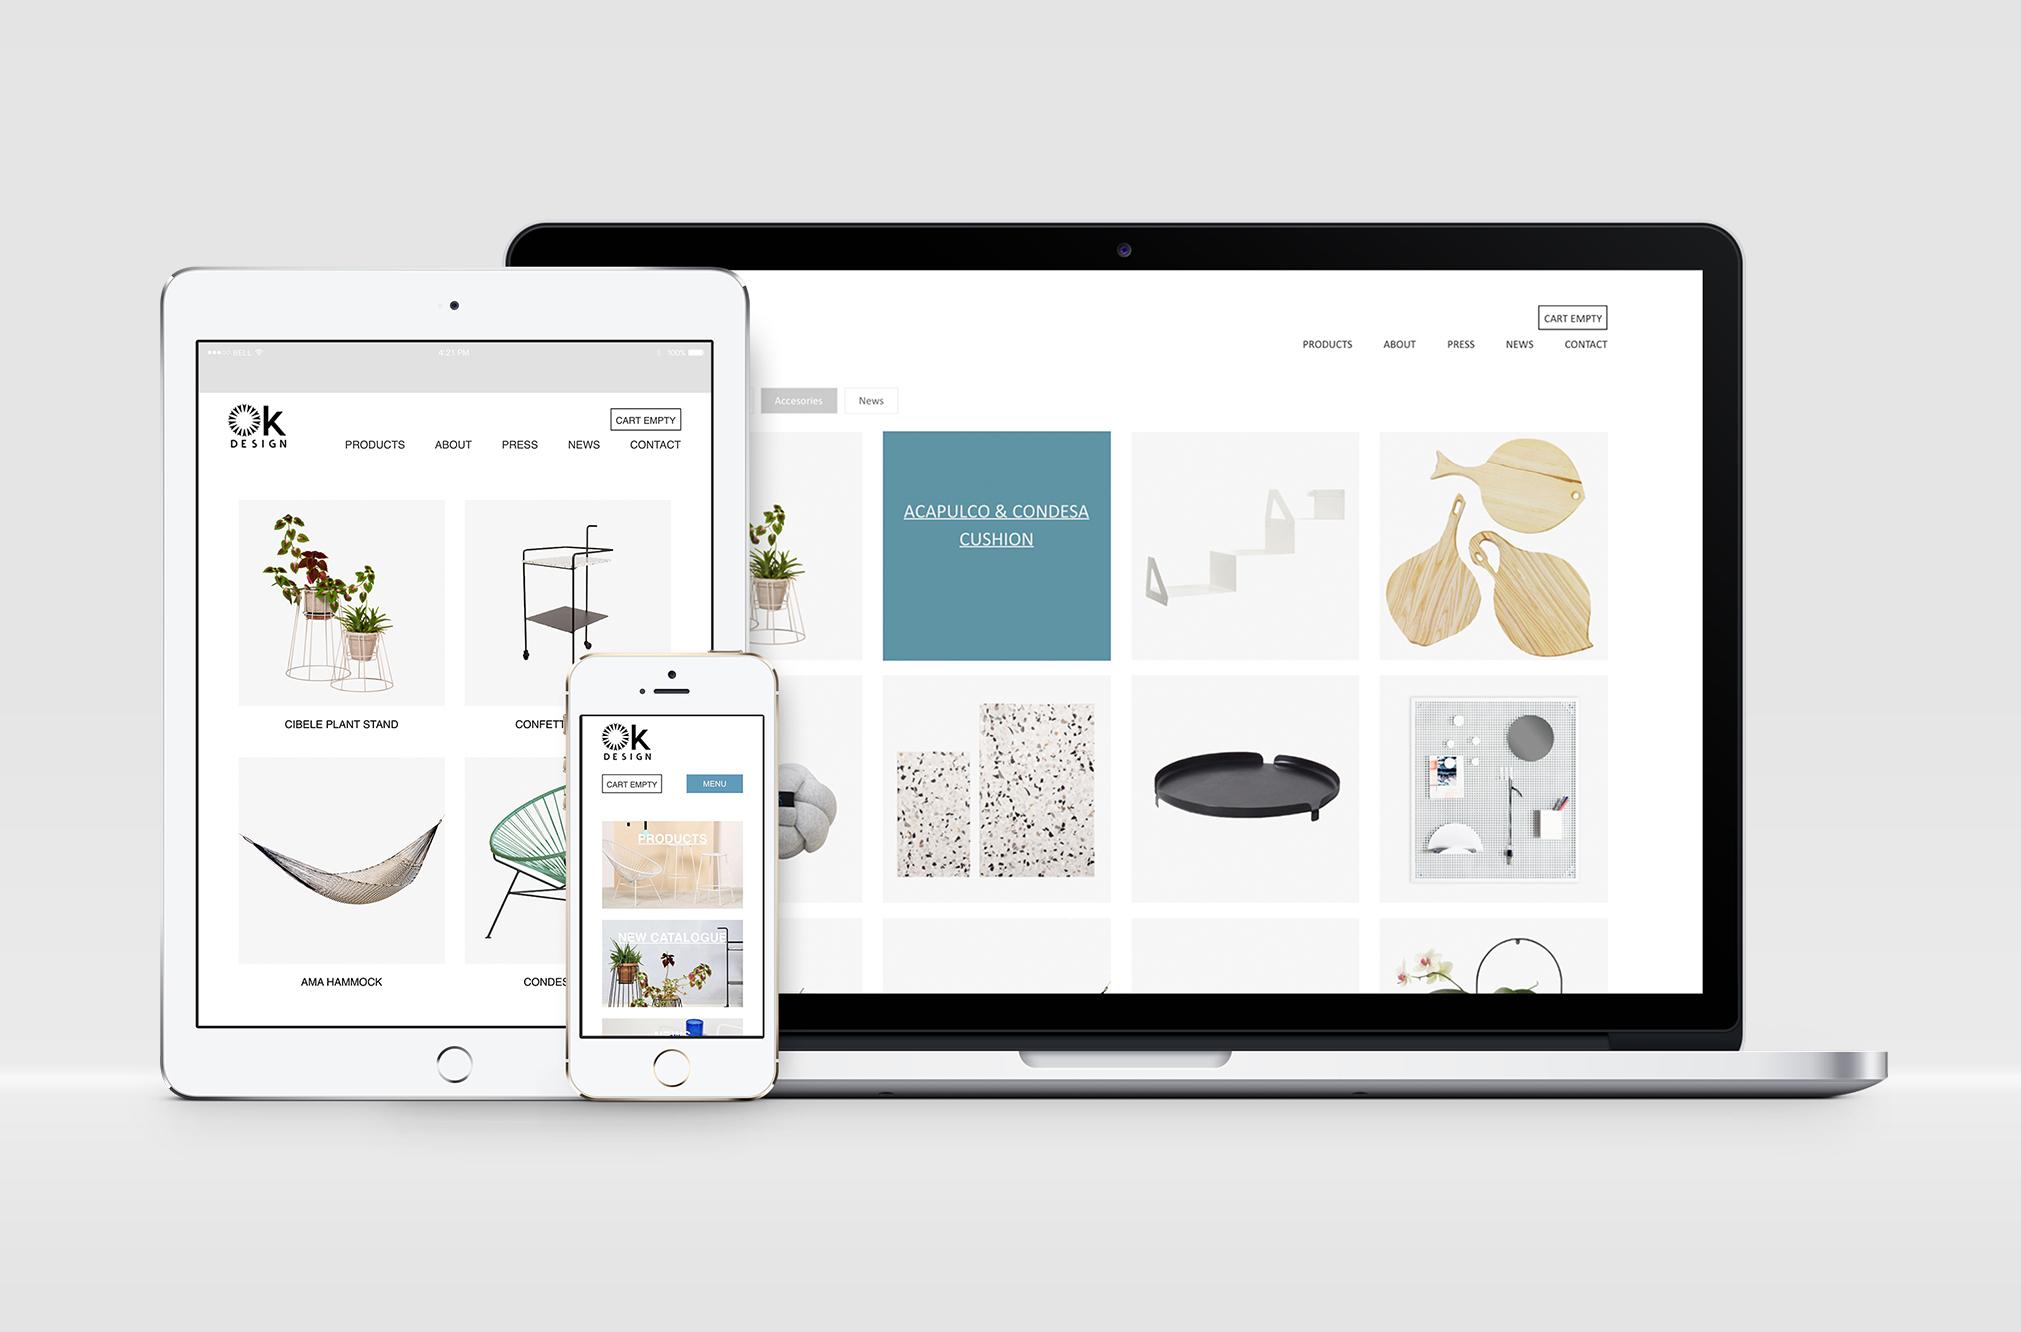 Ok design nettside 2015 - layout - møbler - produkter - wordpress - nettbutikk